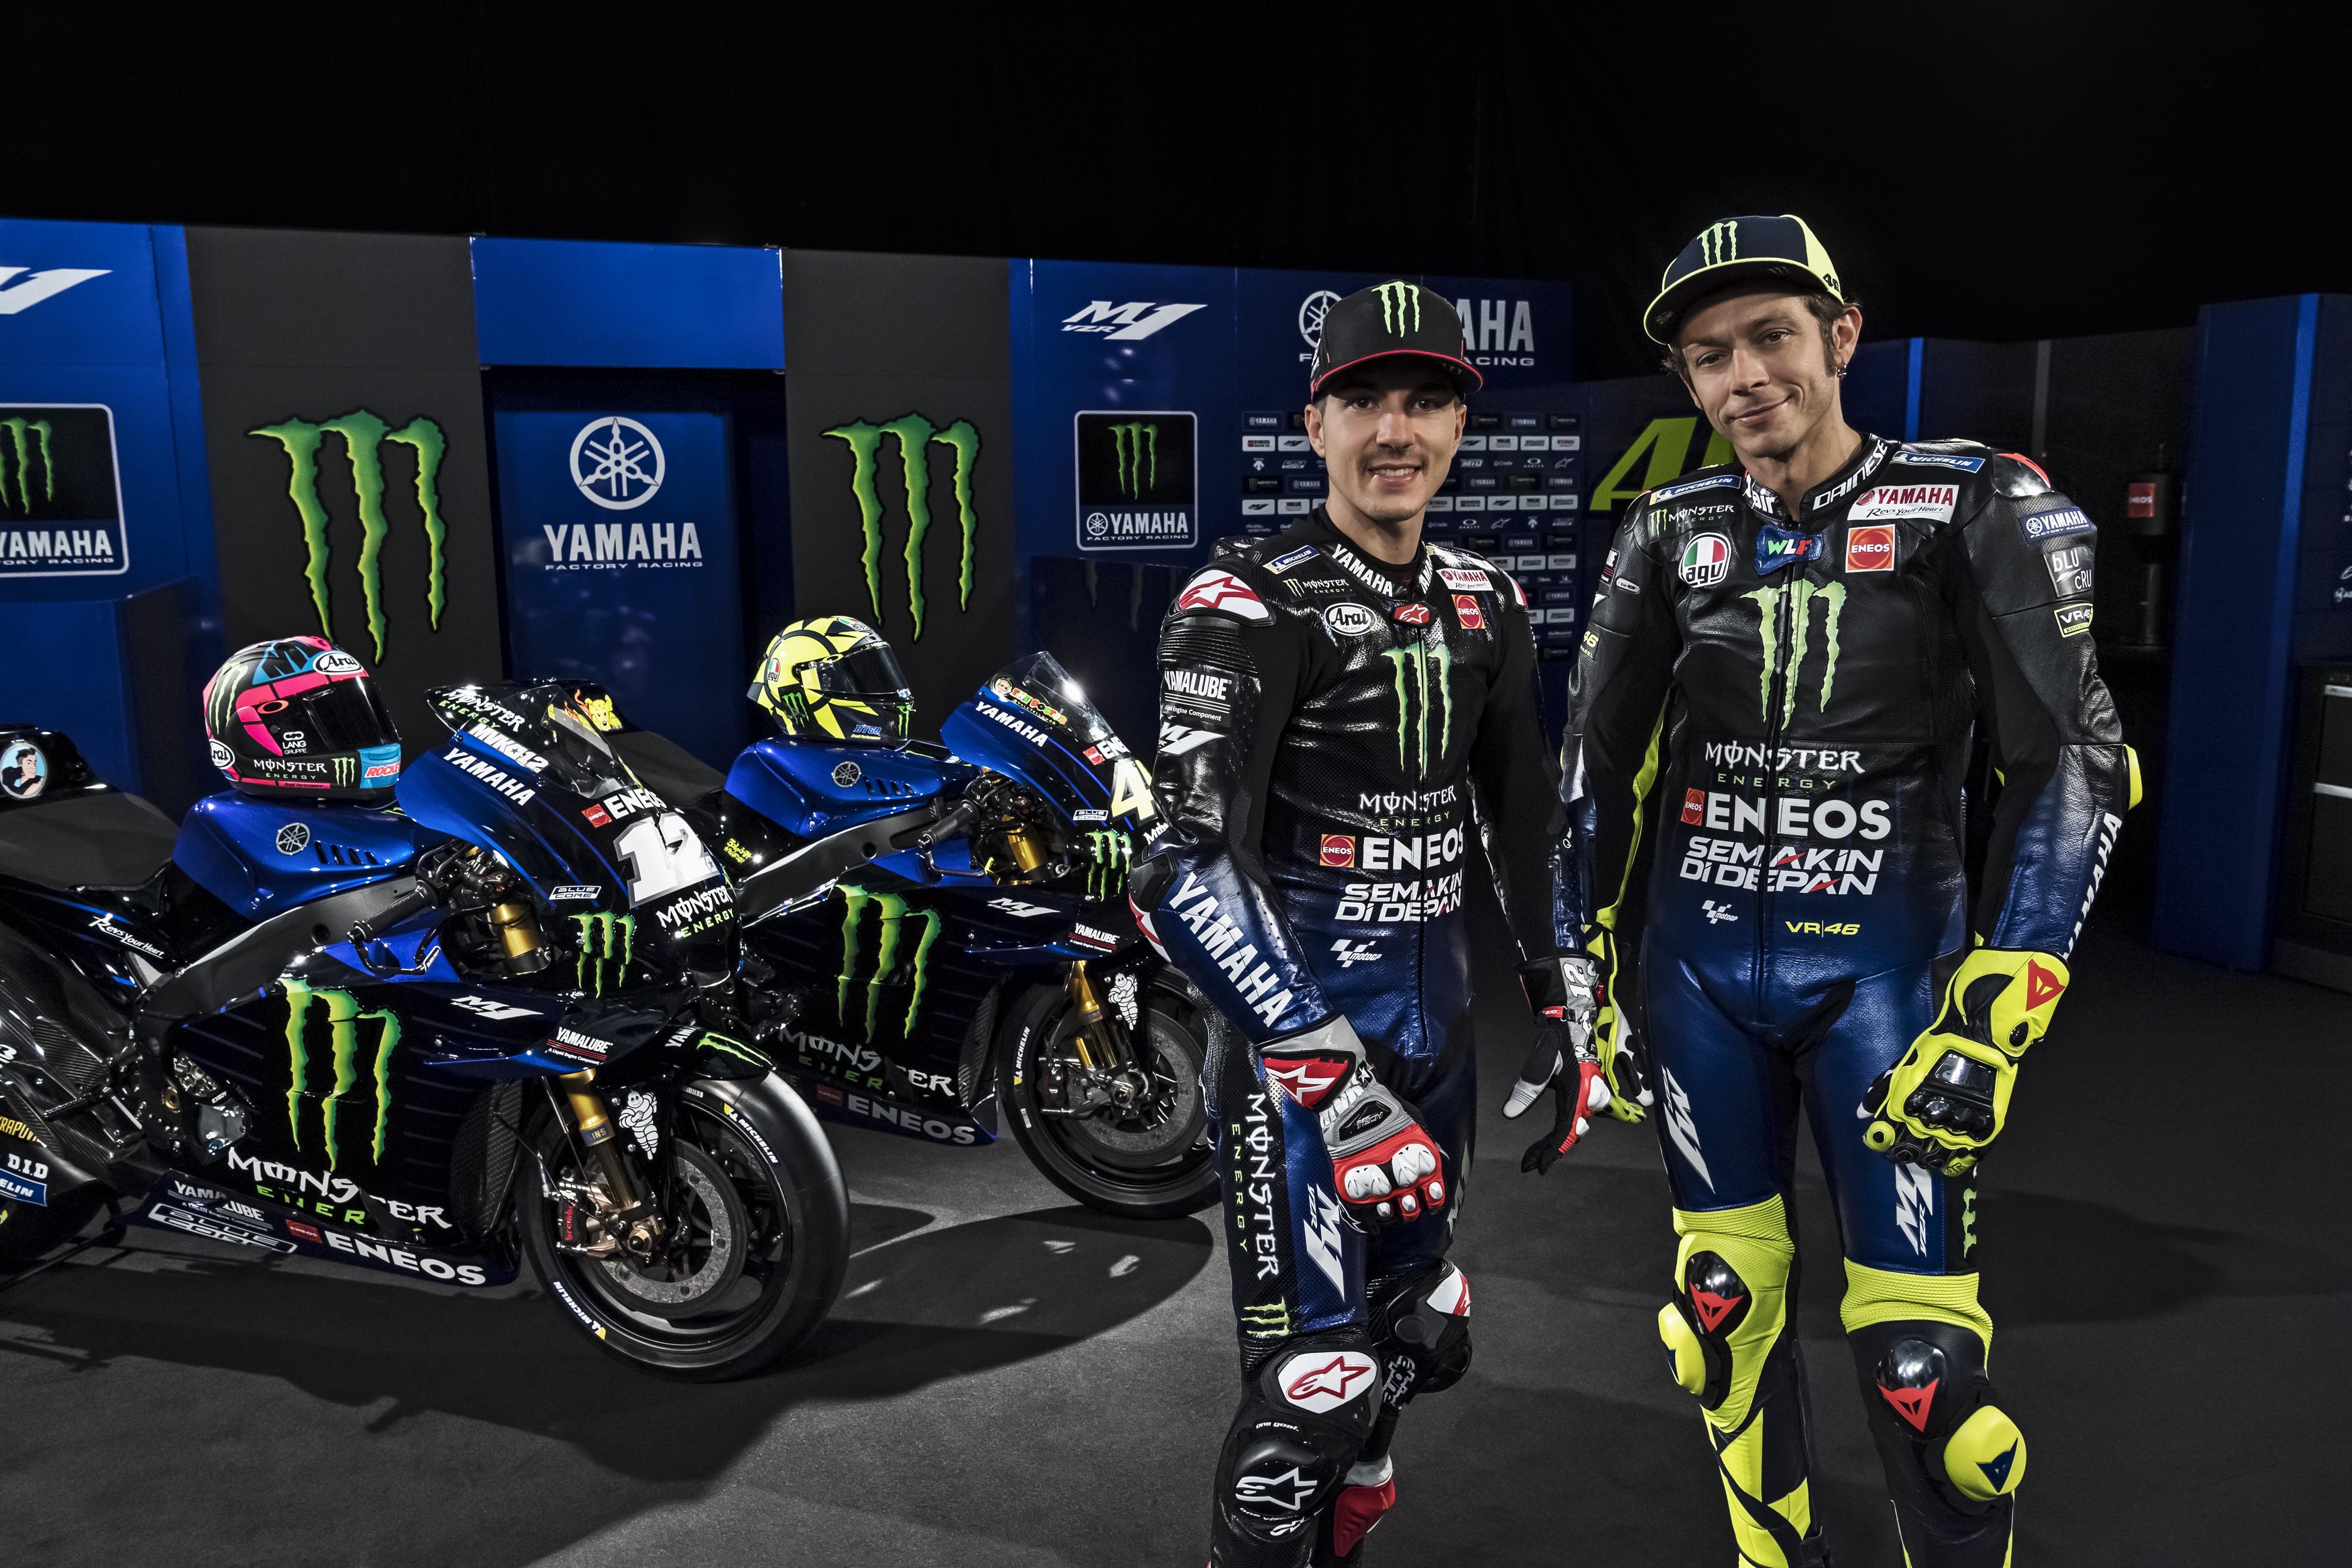 Testování MotoGP v Sepangu 2019